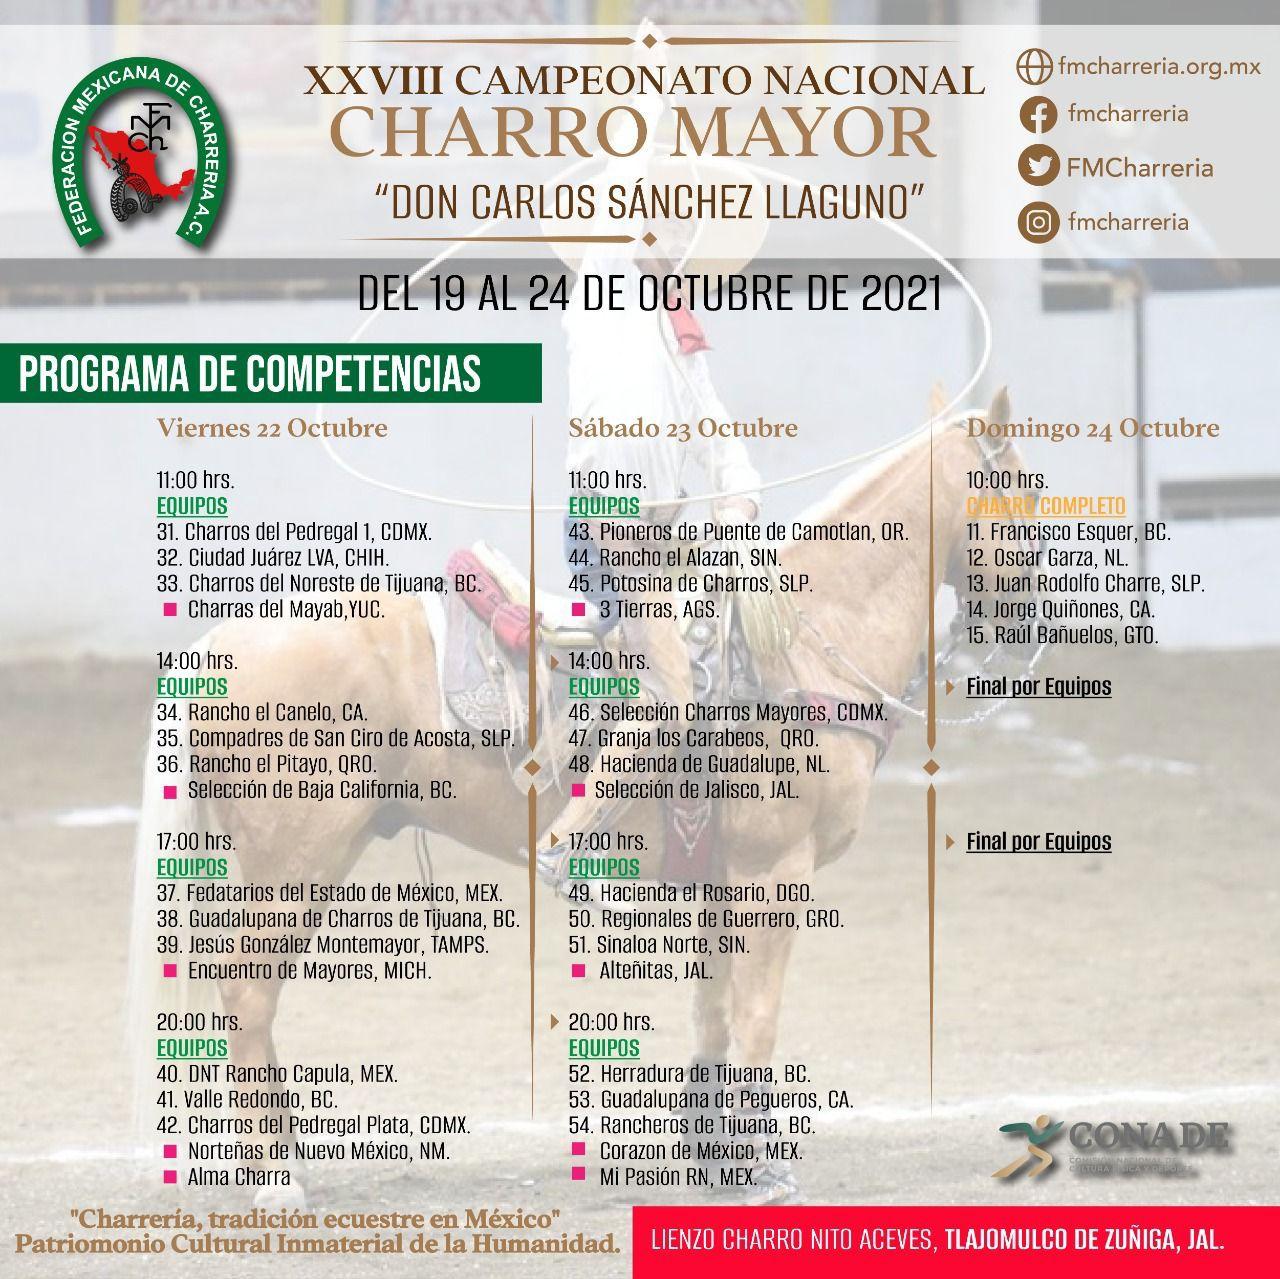 Programa de Competencias Charros Mayores